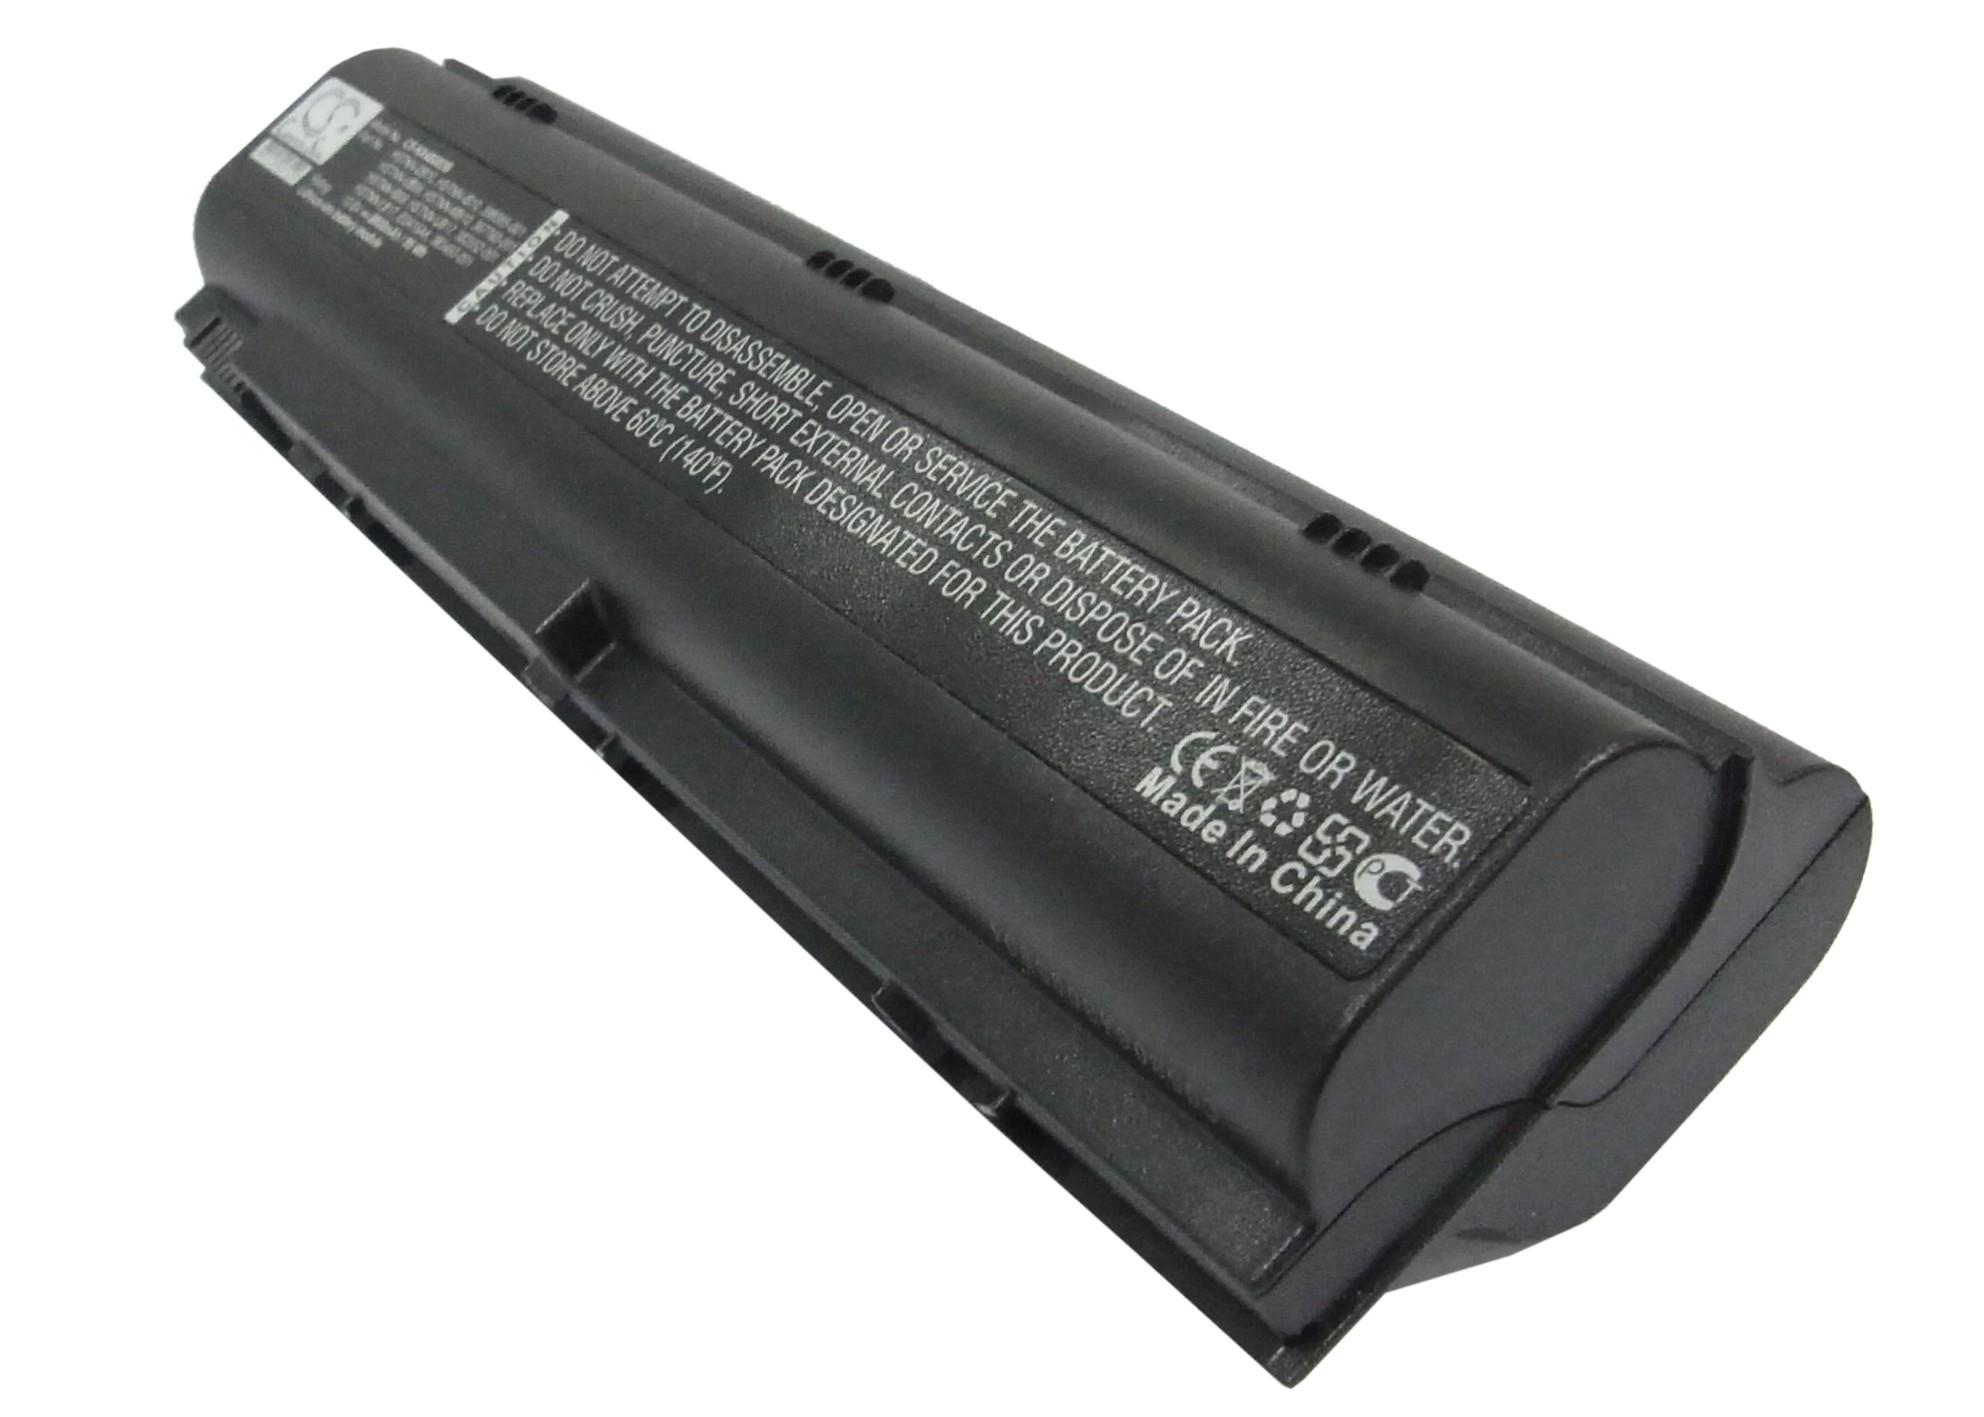 Cameron Sino baterie do notebooků pro HP Pavilion dv4000-PH857AV 10.8V Li-ion 8800mAh černá - neoriginální